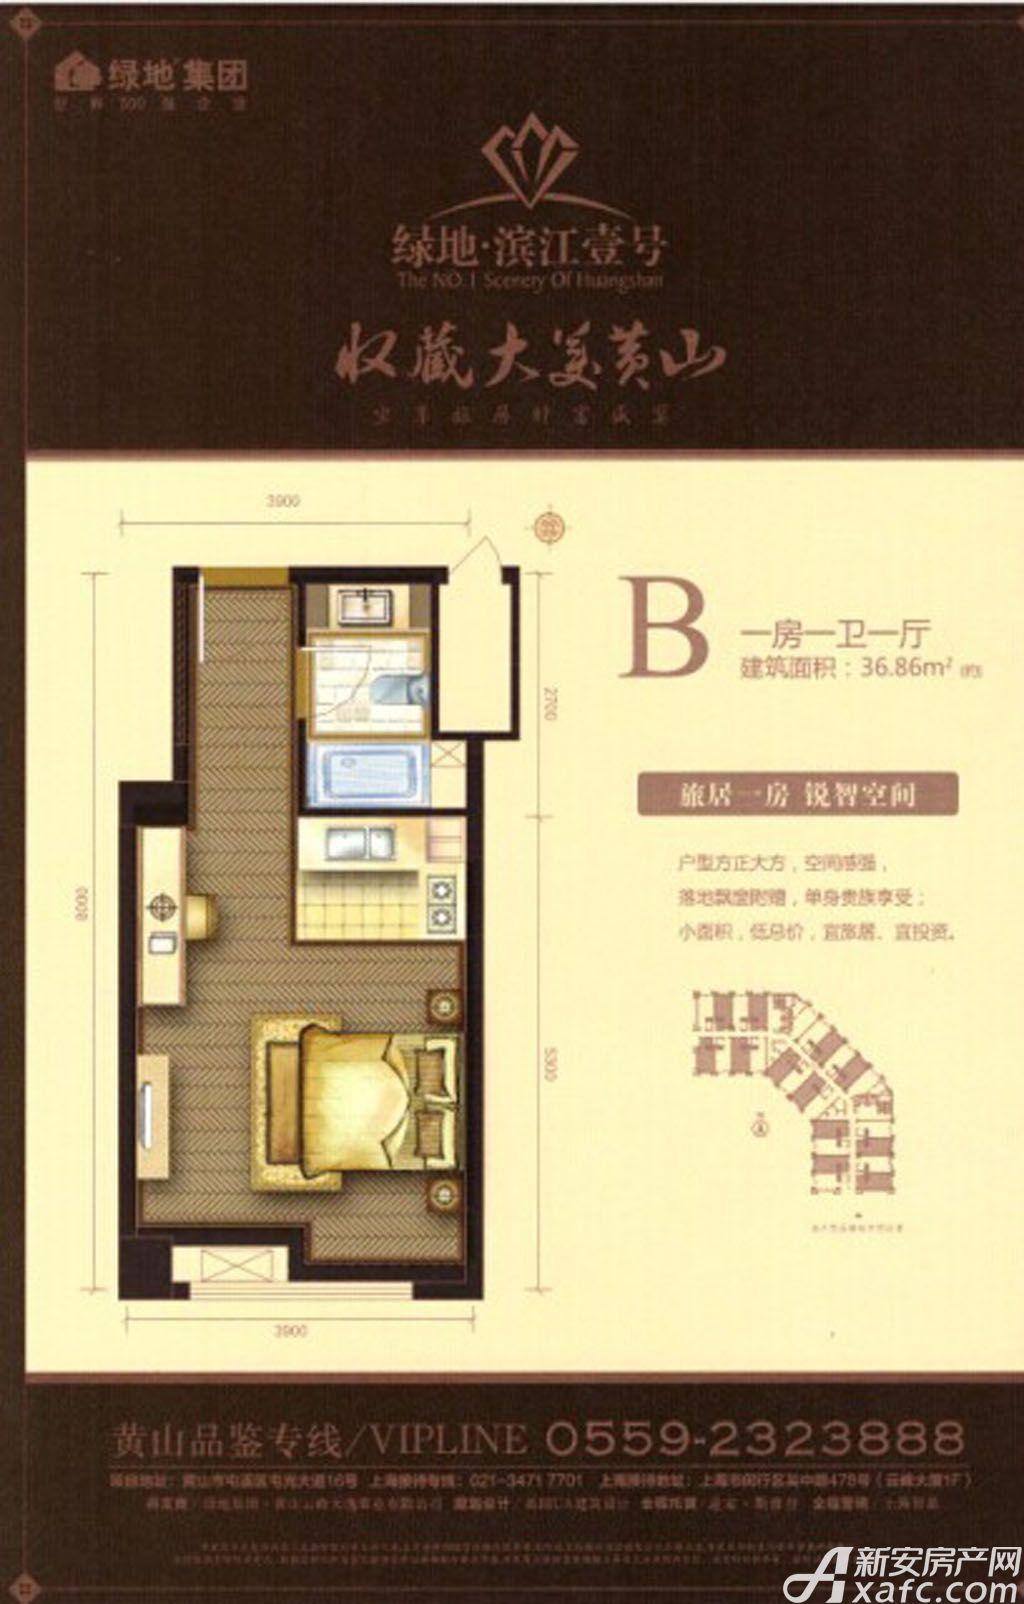 绿地滨江壹号B1室1厅36.86平米